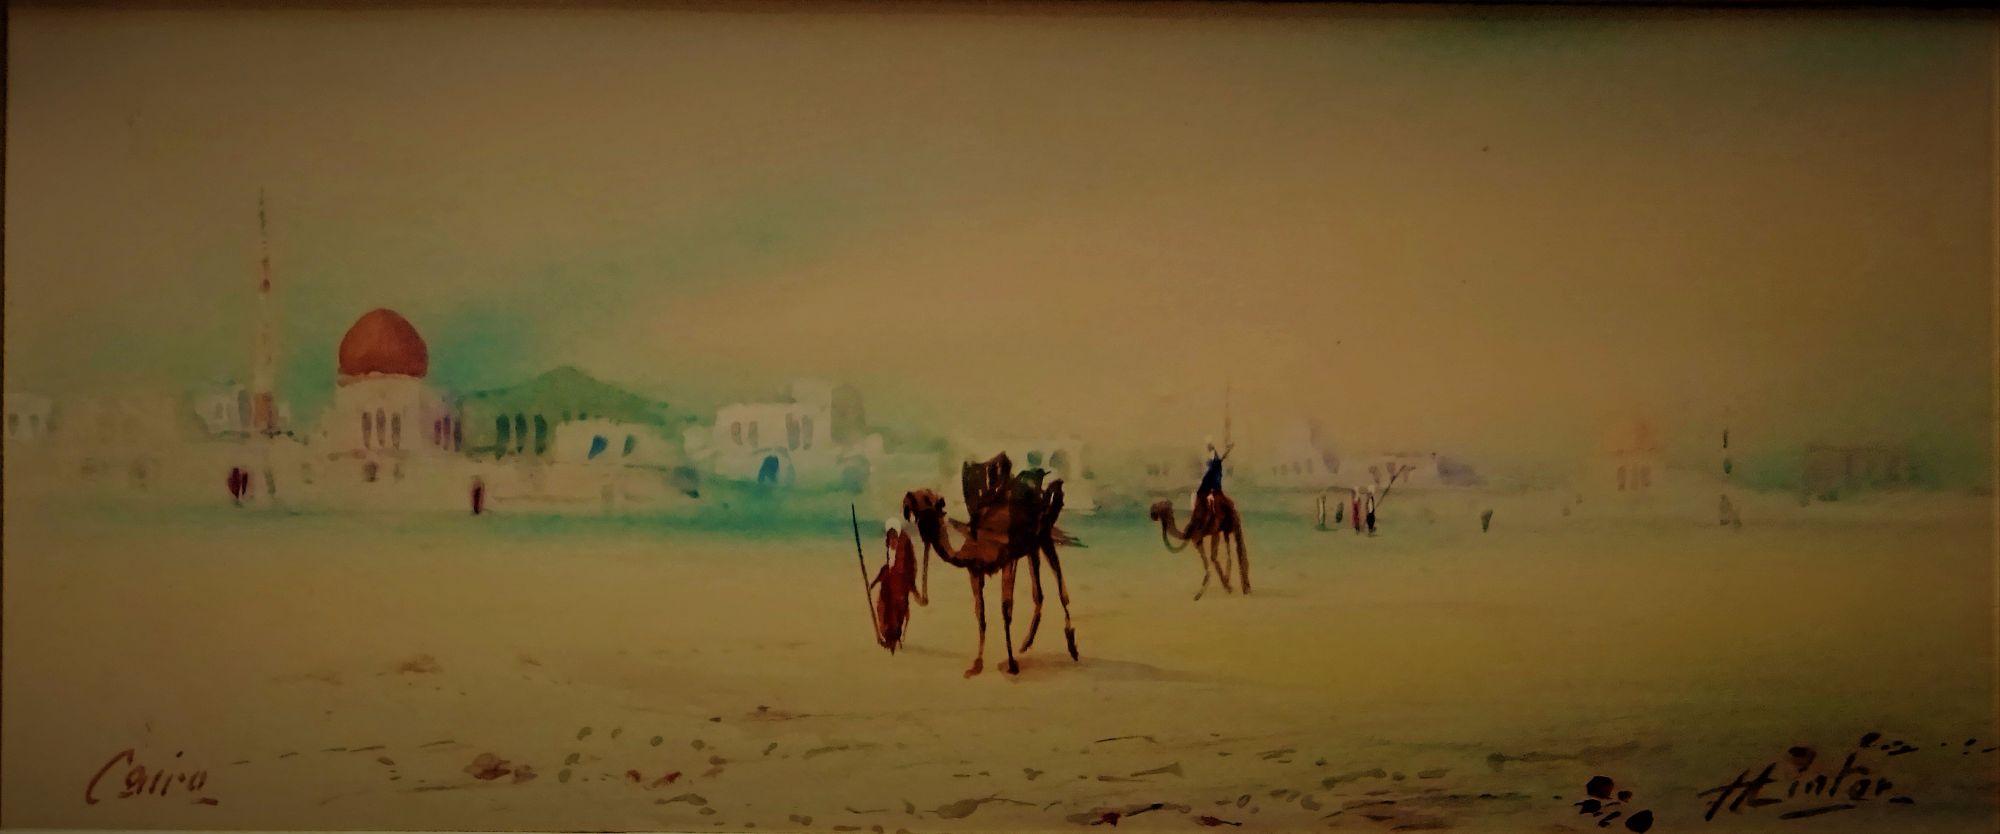 H. Linton, Cairo, watercolour & gouache, c1900.